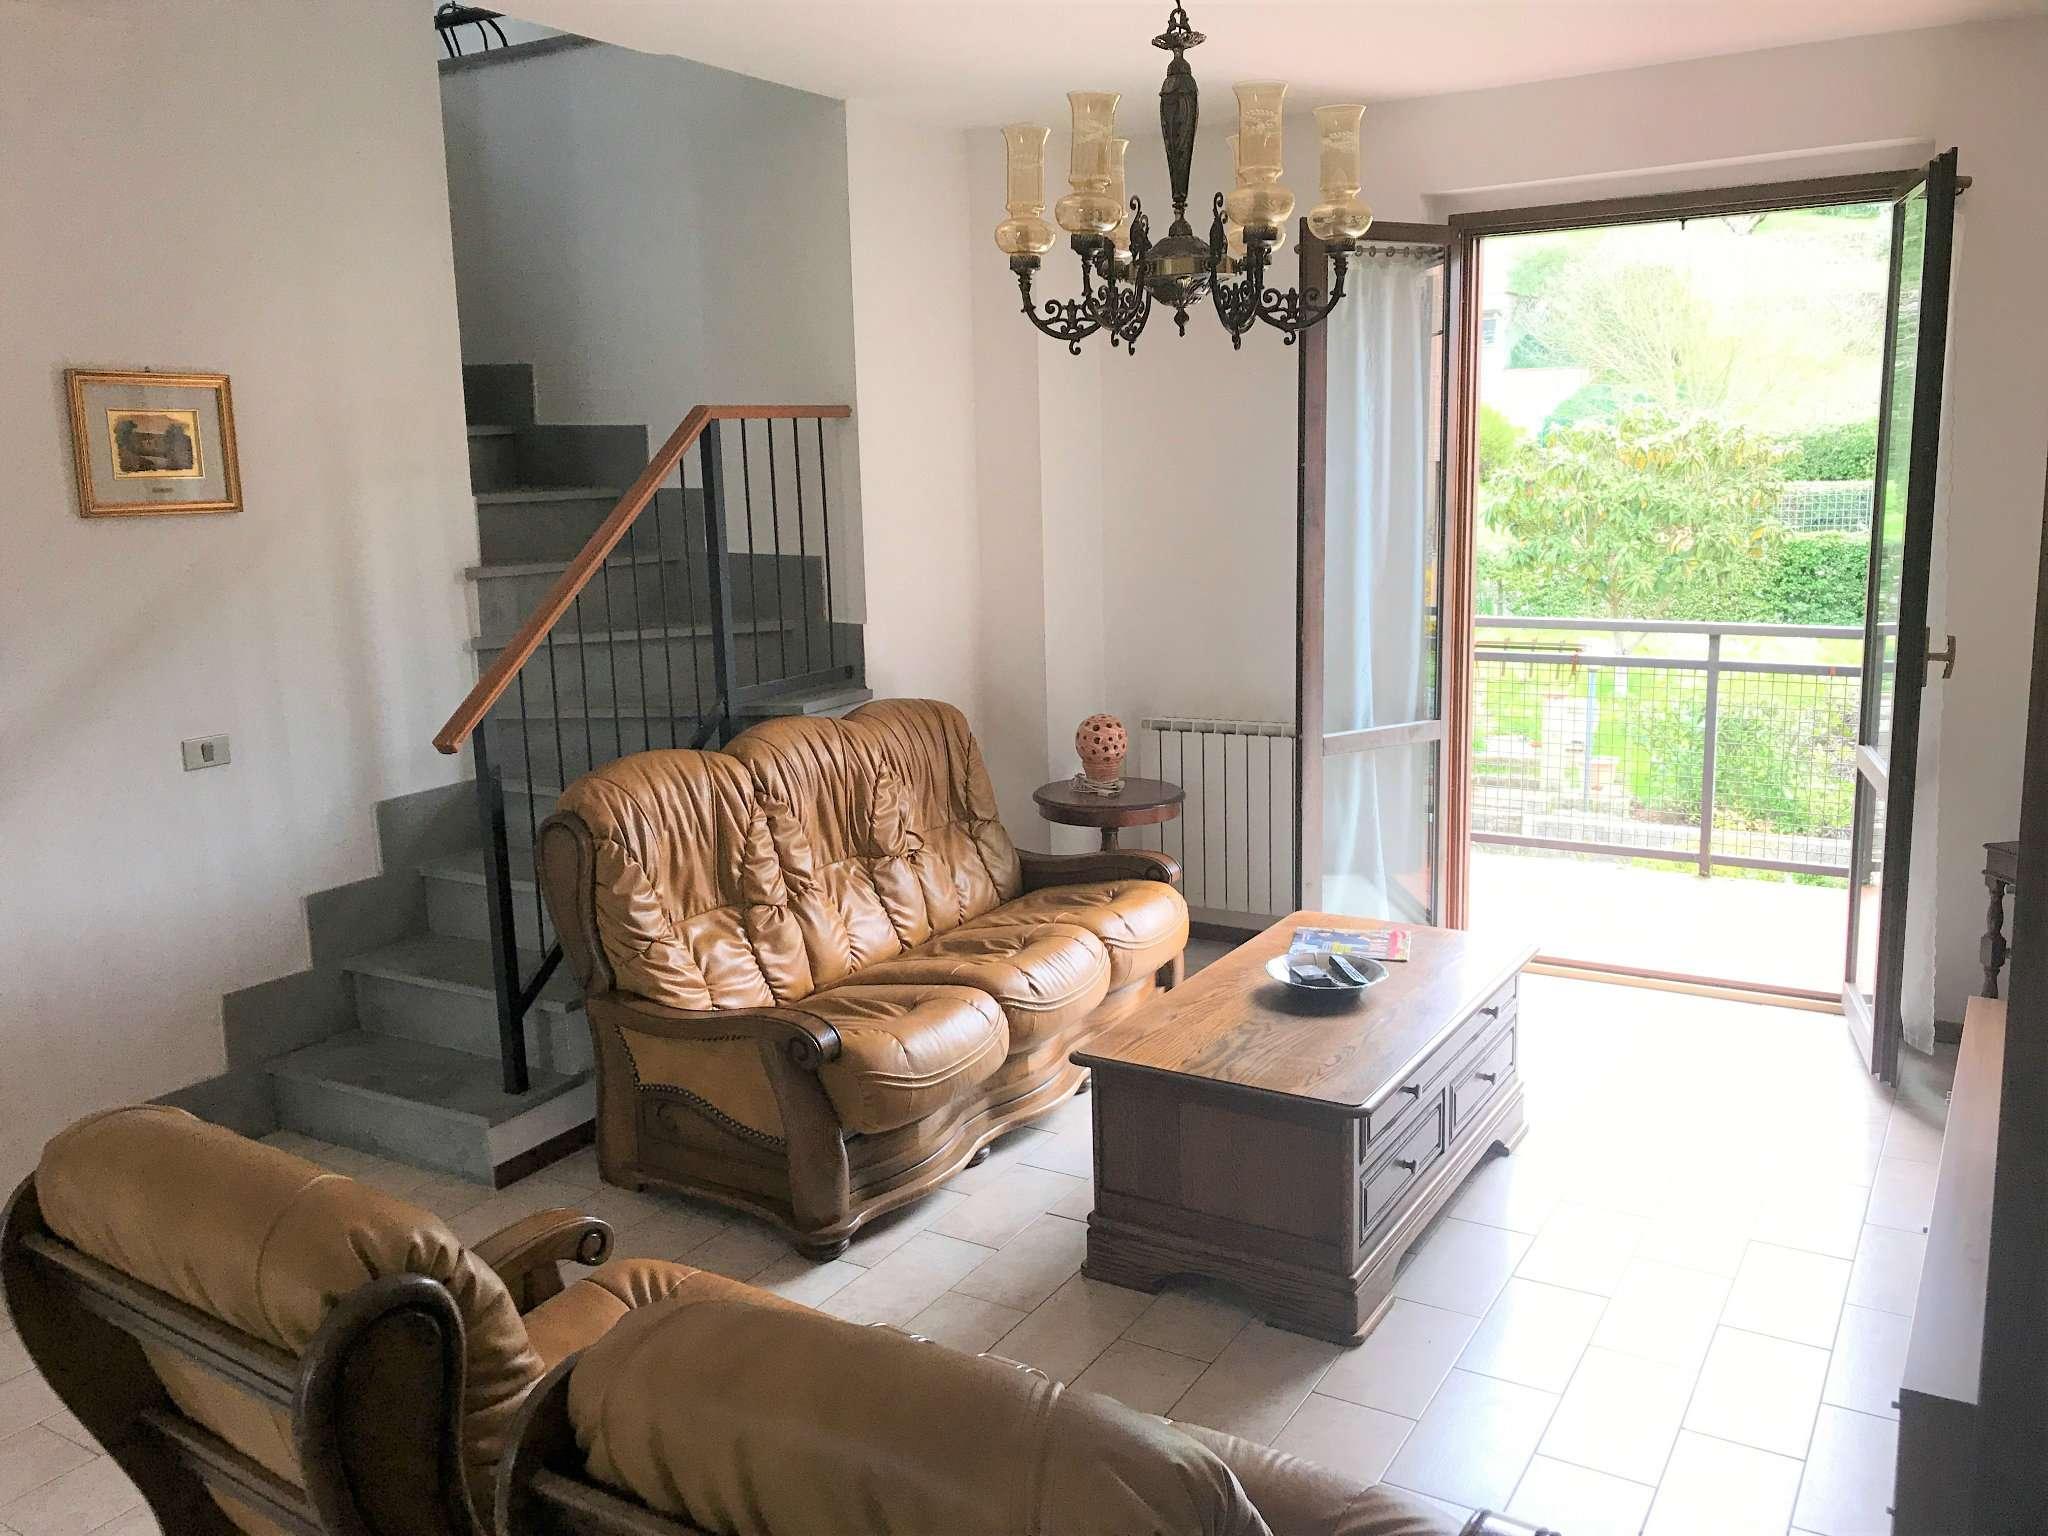 Appartemento di 100 mq con mansarda, garage, cantina e giardino